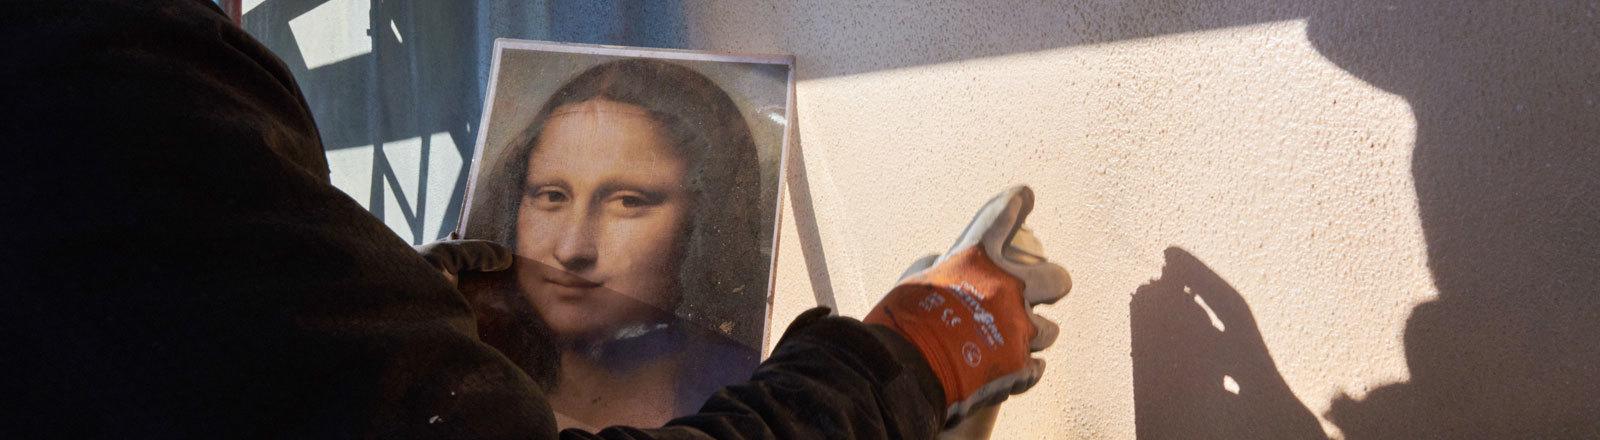 Der Künstler Tank steht auf dem Gerüst hoch oben, gegenüber der East-Side Gallery. Er hält eine Vorlage von Da Vincis Mona Lisa in der Hand, um das Werk aus dem Pariser Louvre so getreu wie möglich an die fensterlose Hausfassade des East Side Hotels zu übertragen.